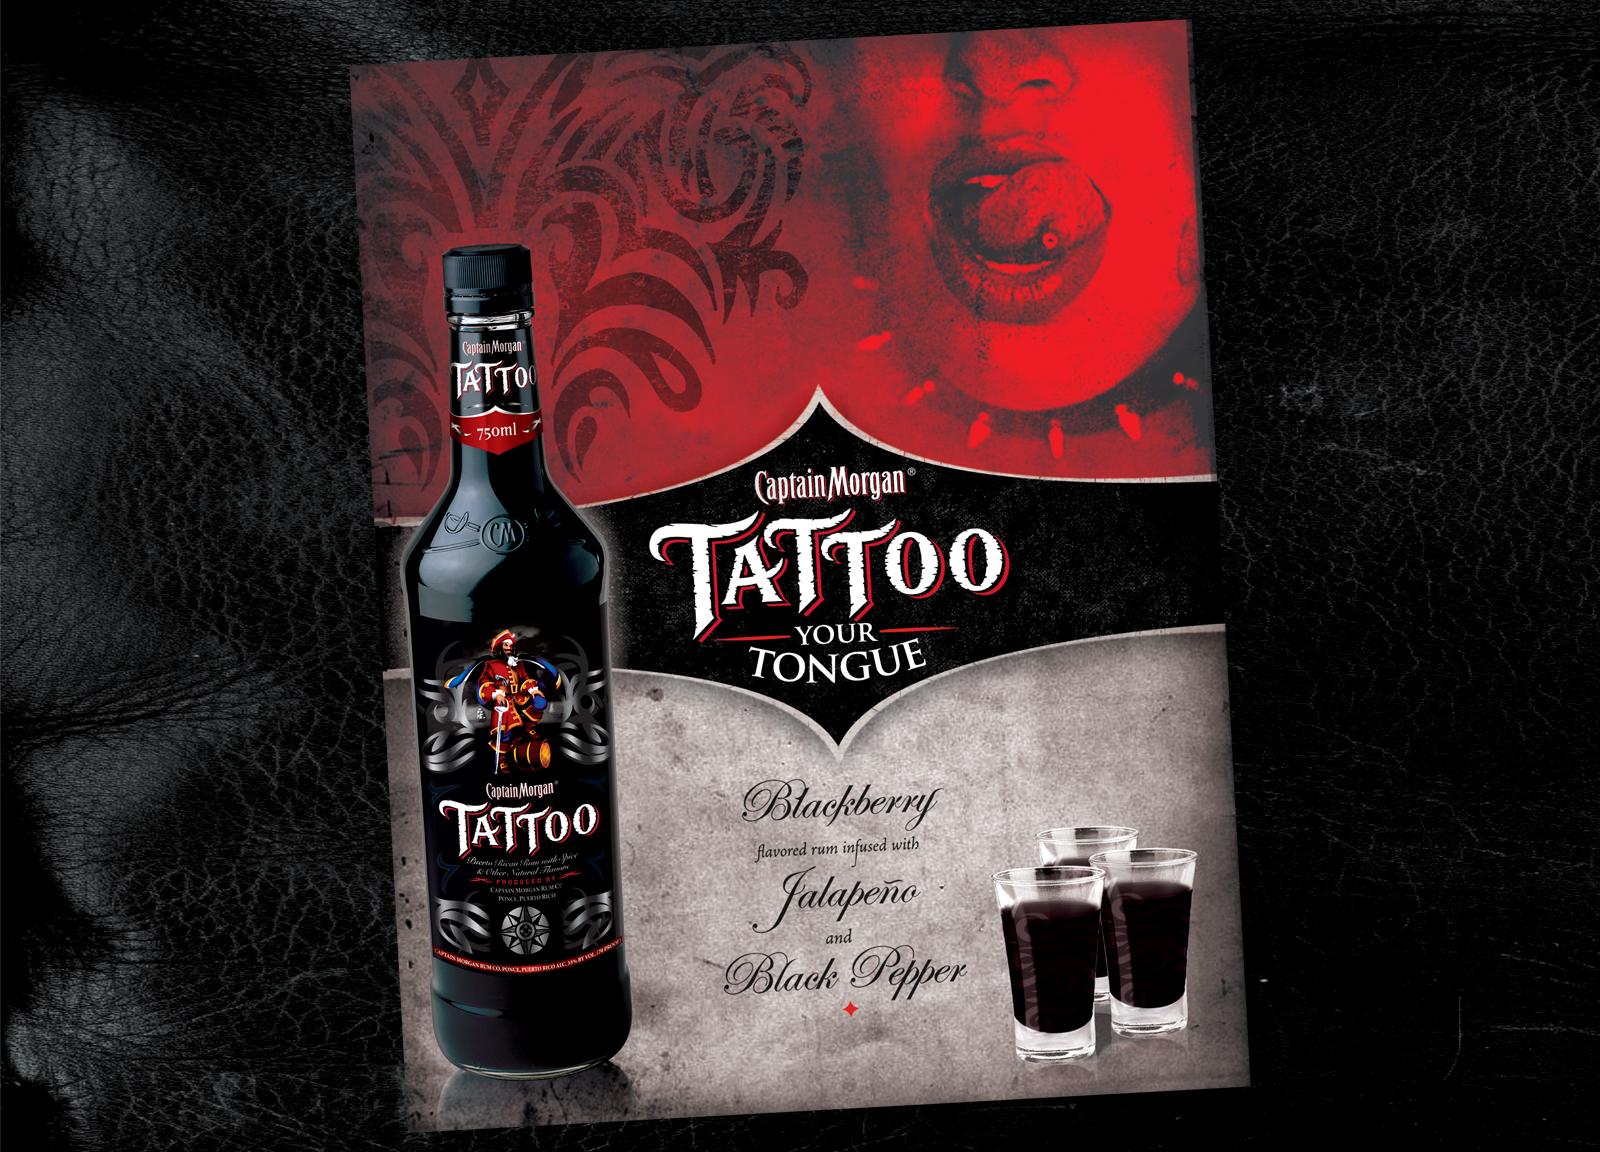 Captain Morgan Tattoo Sip Advisor